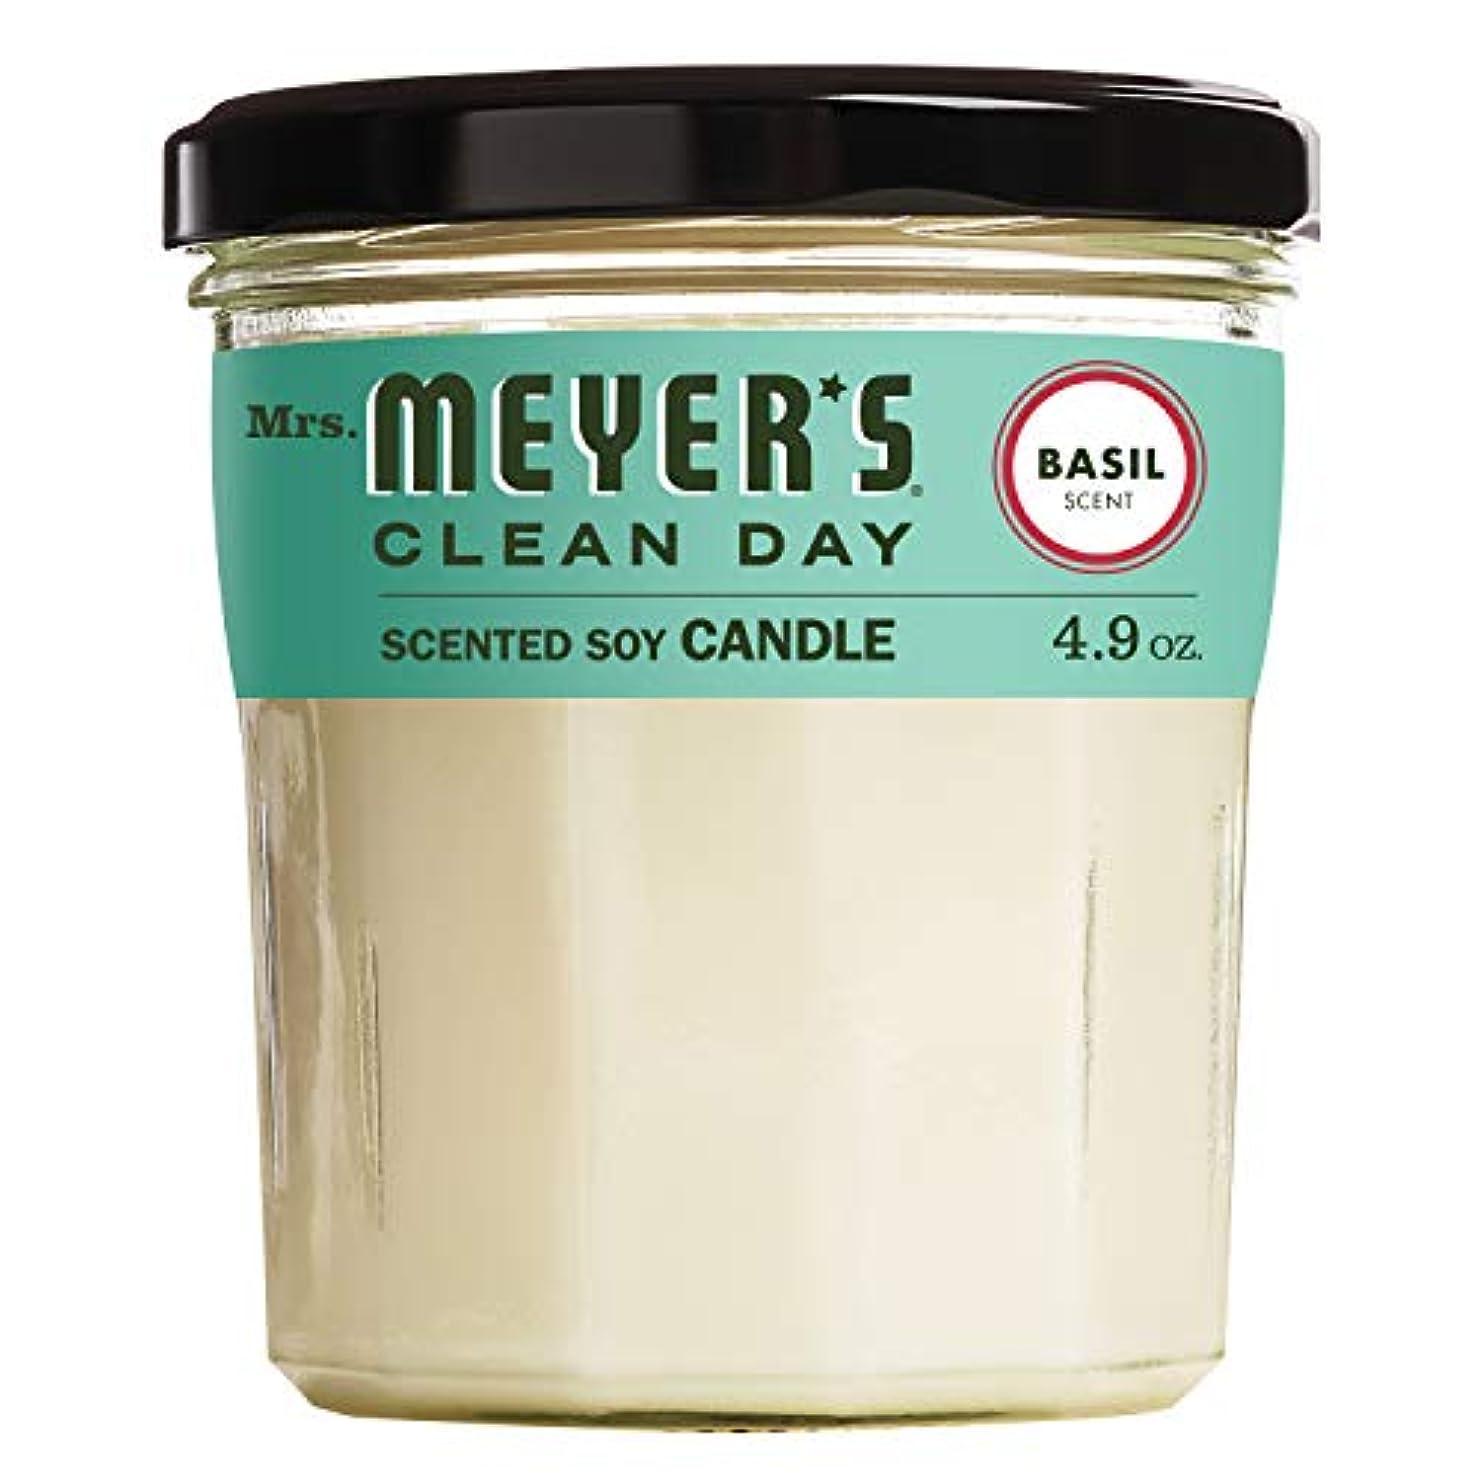 収穫飛行場こしょうMRS MEYERS Clean Day Scented Soy Candle Basil, Small, 4.9 Ounce by Mrs. Meyers